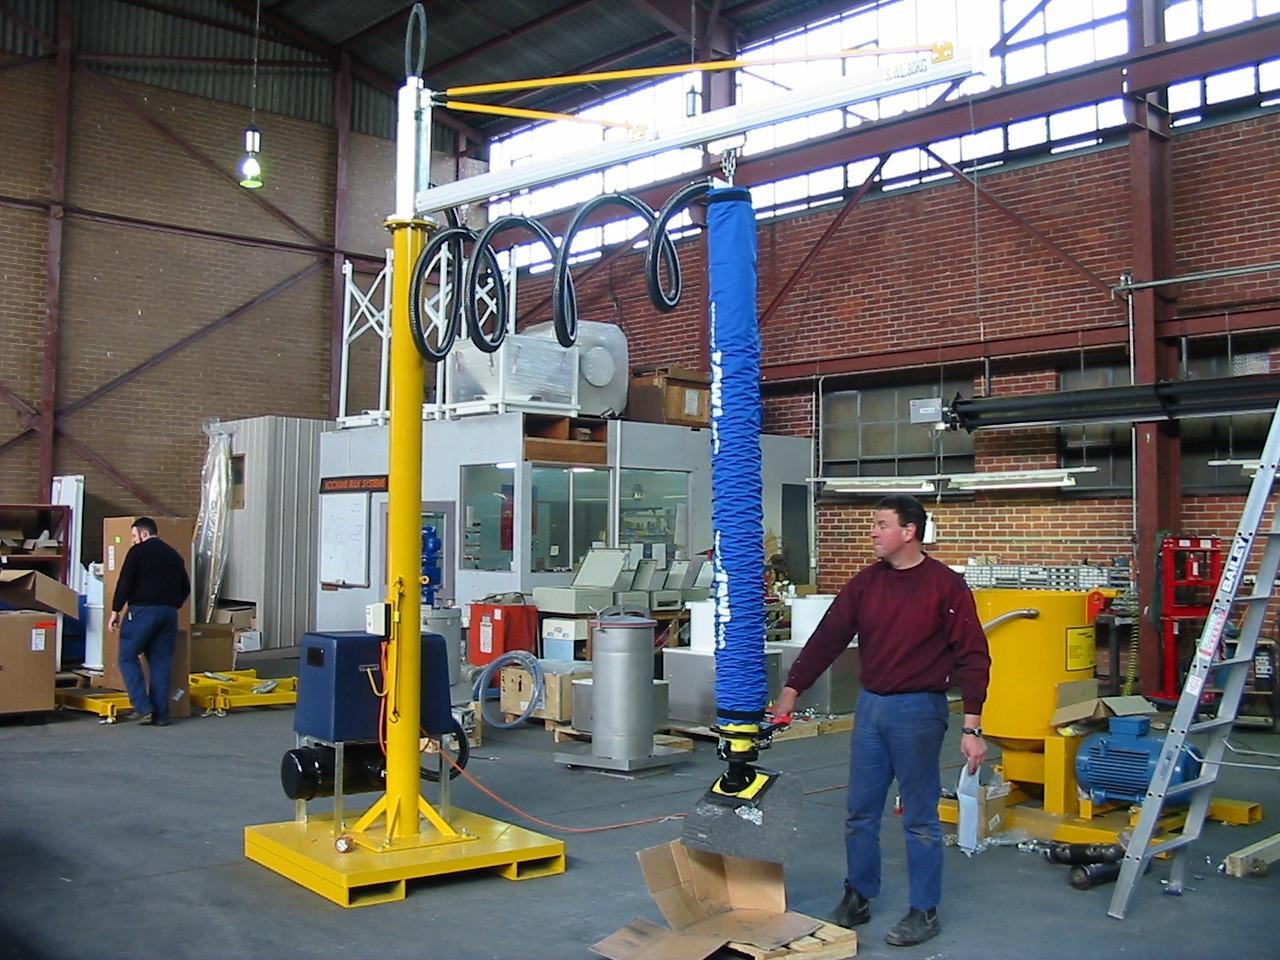 A vacuum lifting expert